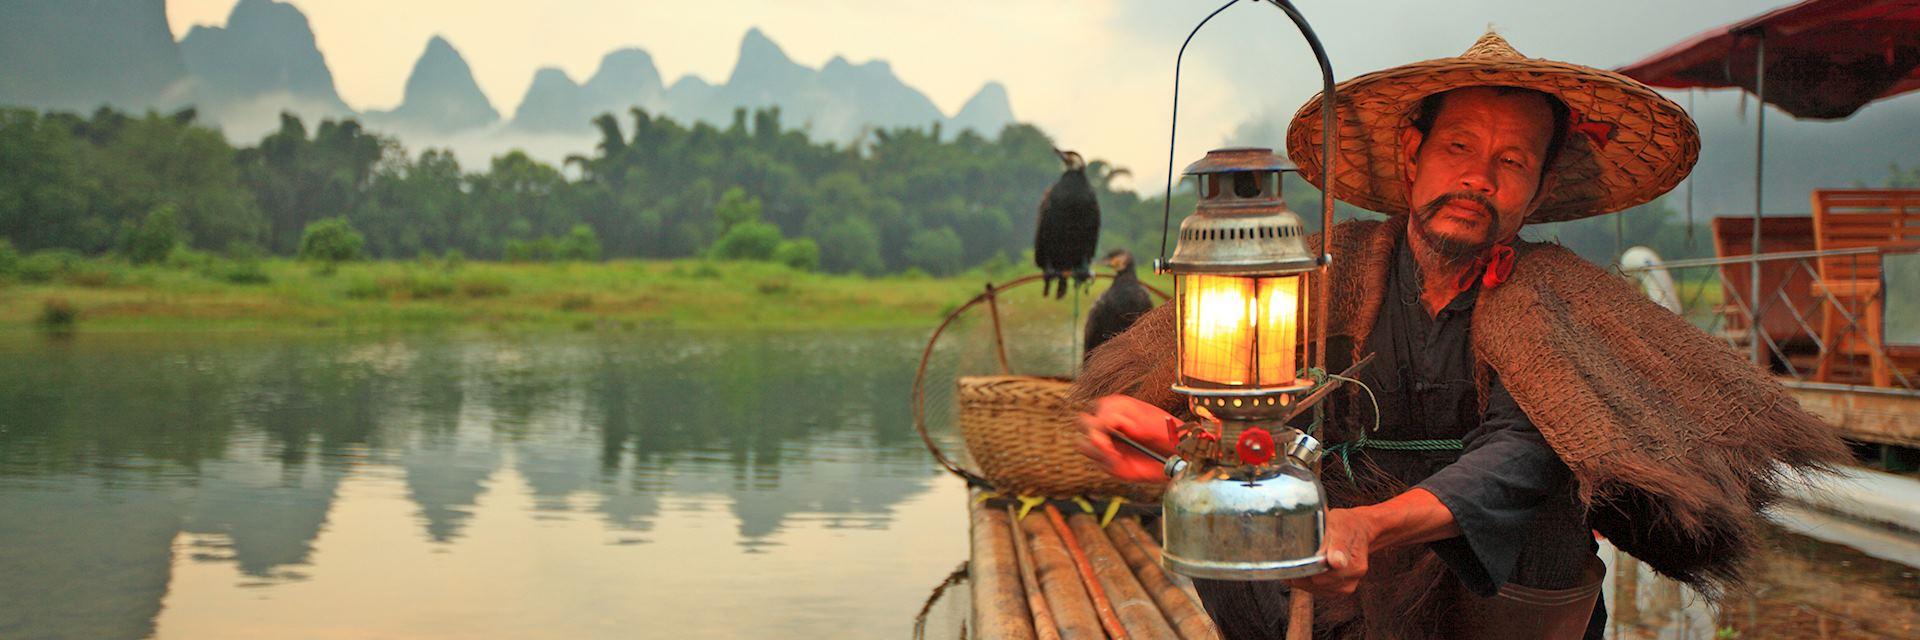 Lijiang fisherman